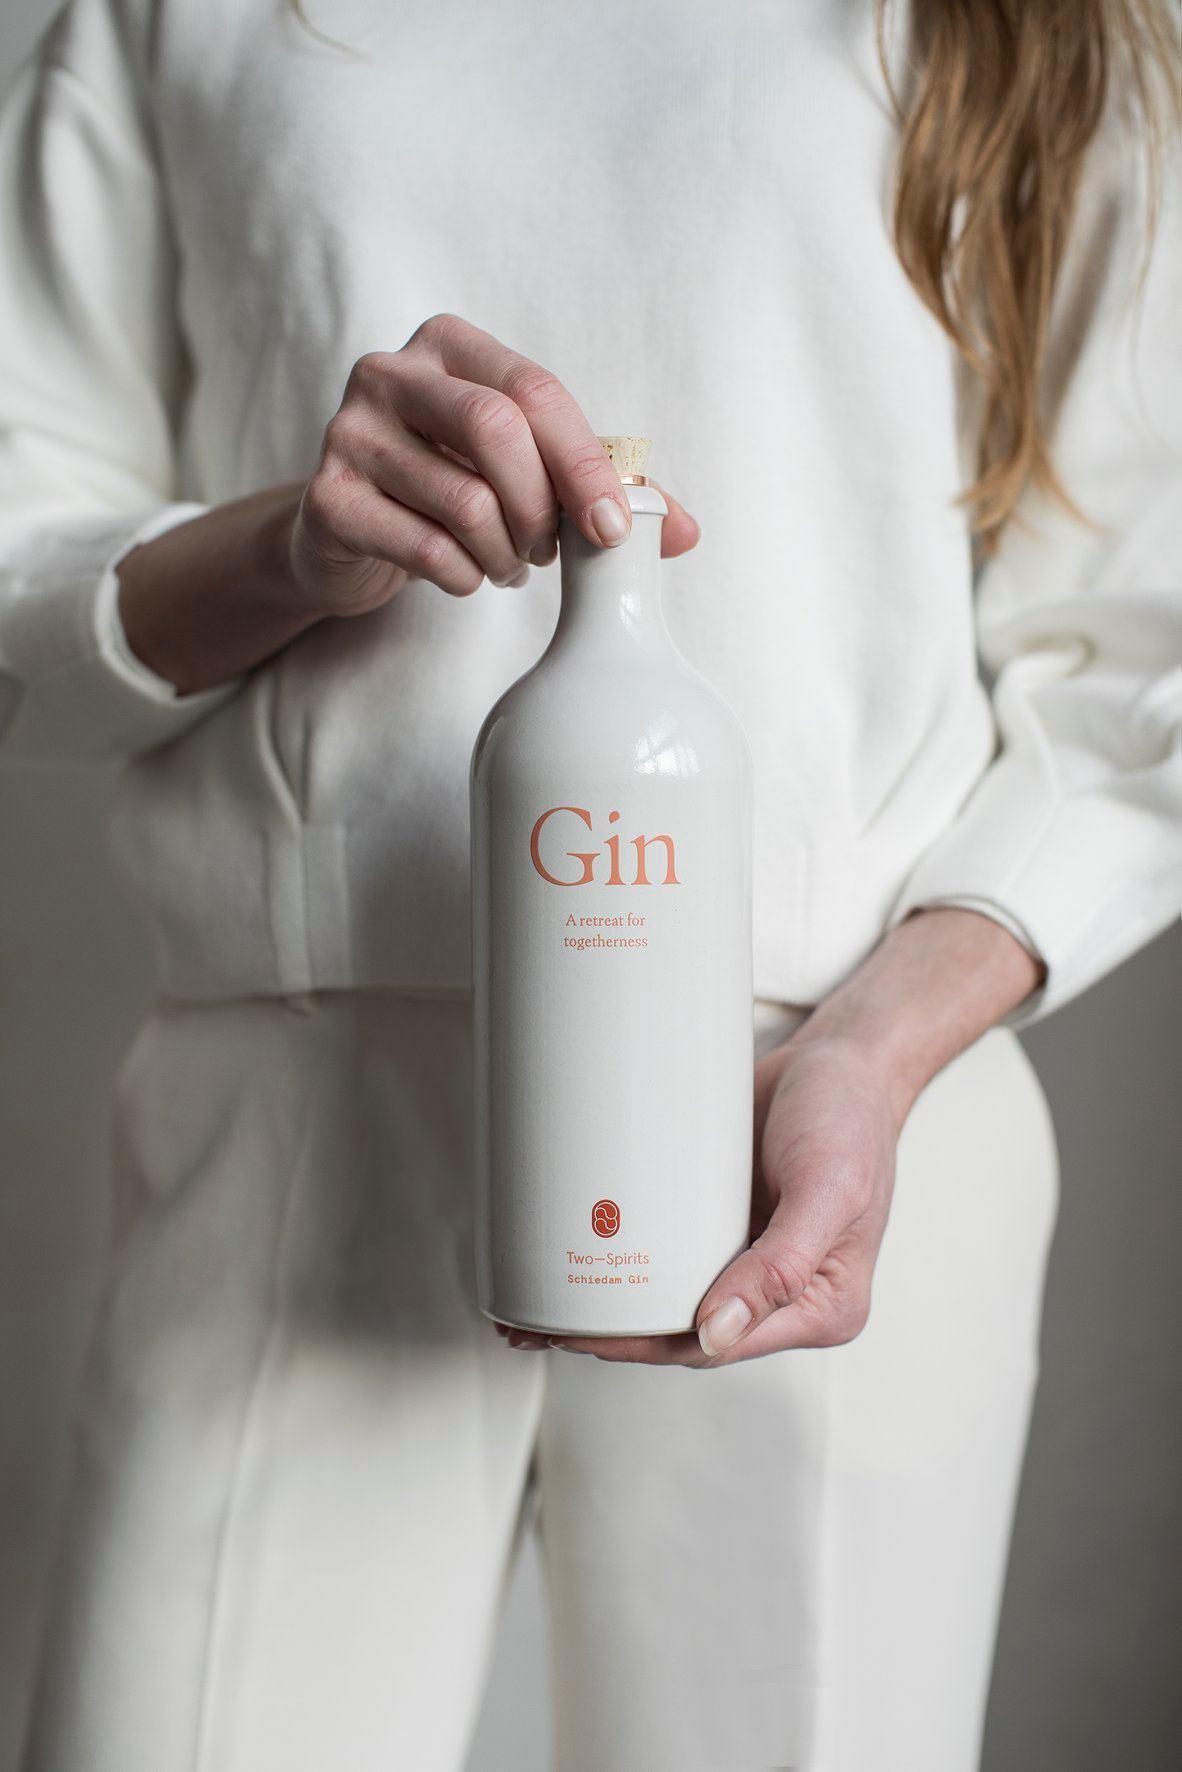 two-spirits gin